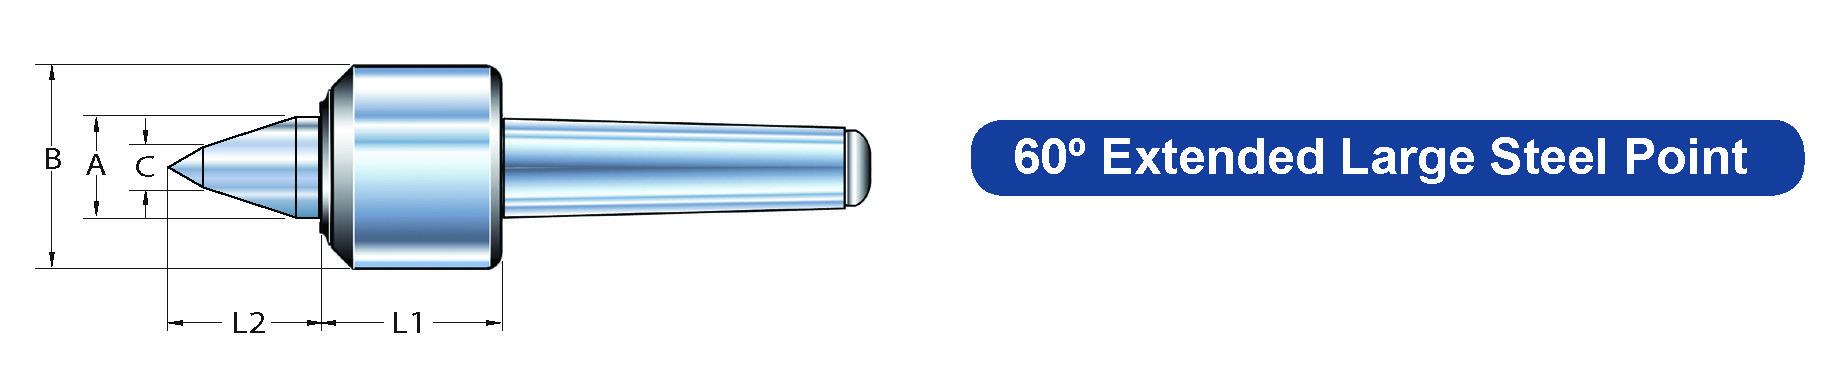 generalpurpose-extendedpoint-diagram.jpg